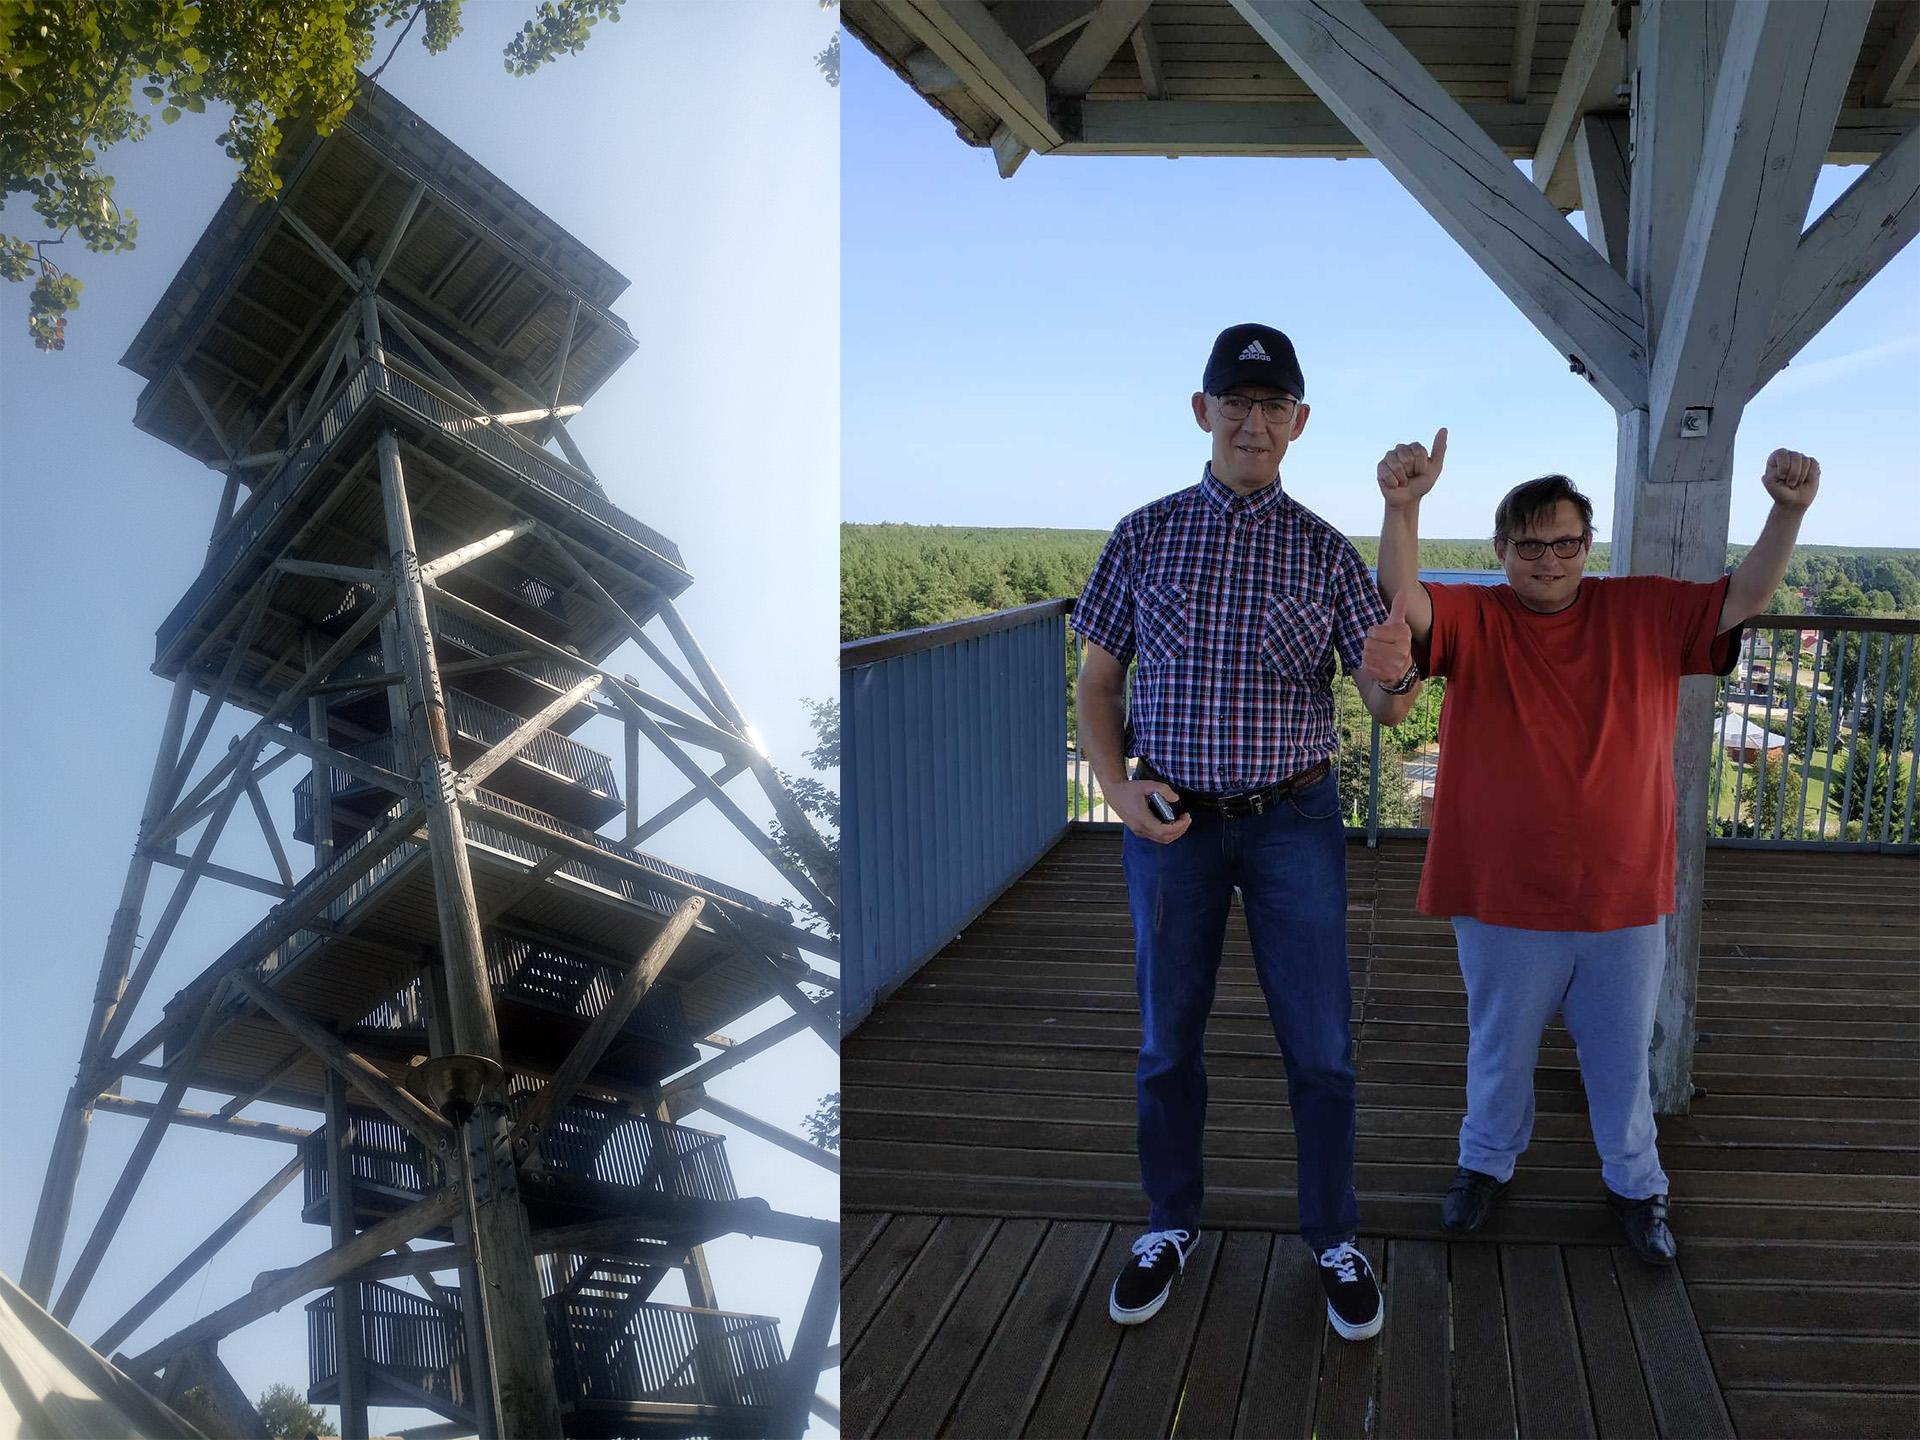 Dwa połączone zdjęcia. Po lewej stronie wielka drewniana wieża, po prawej na zdjęciu dwóch zadowolonych mieszkańców, którzy weszli na sam szczyt.